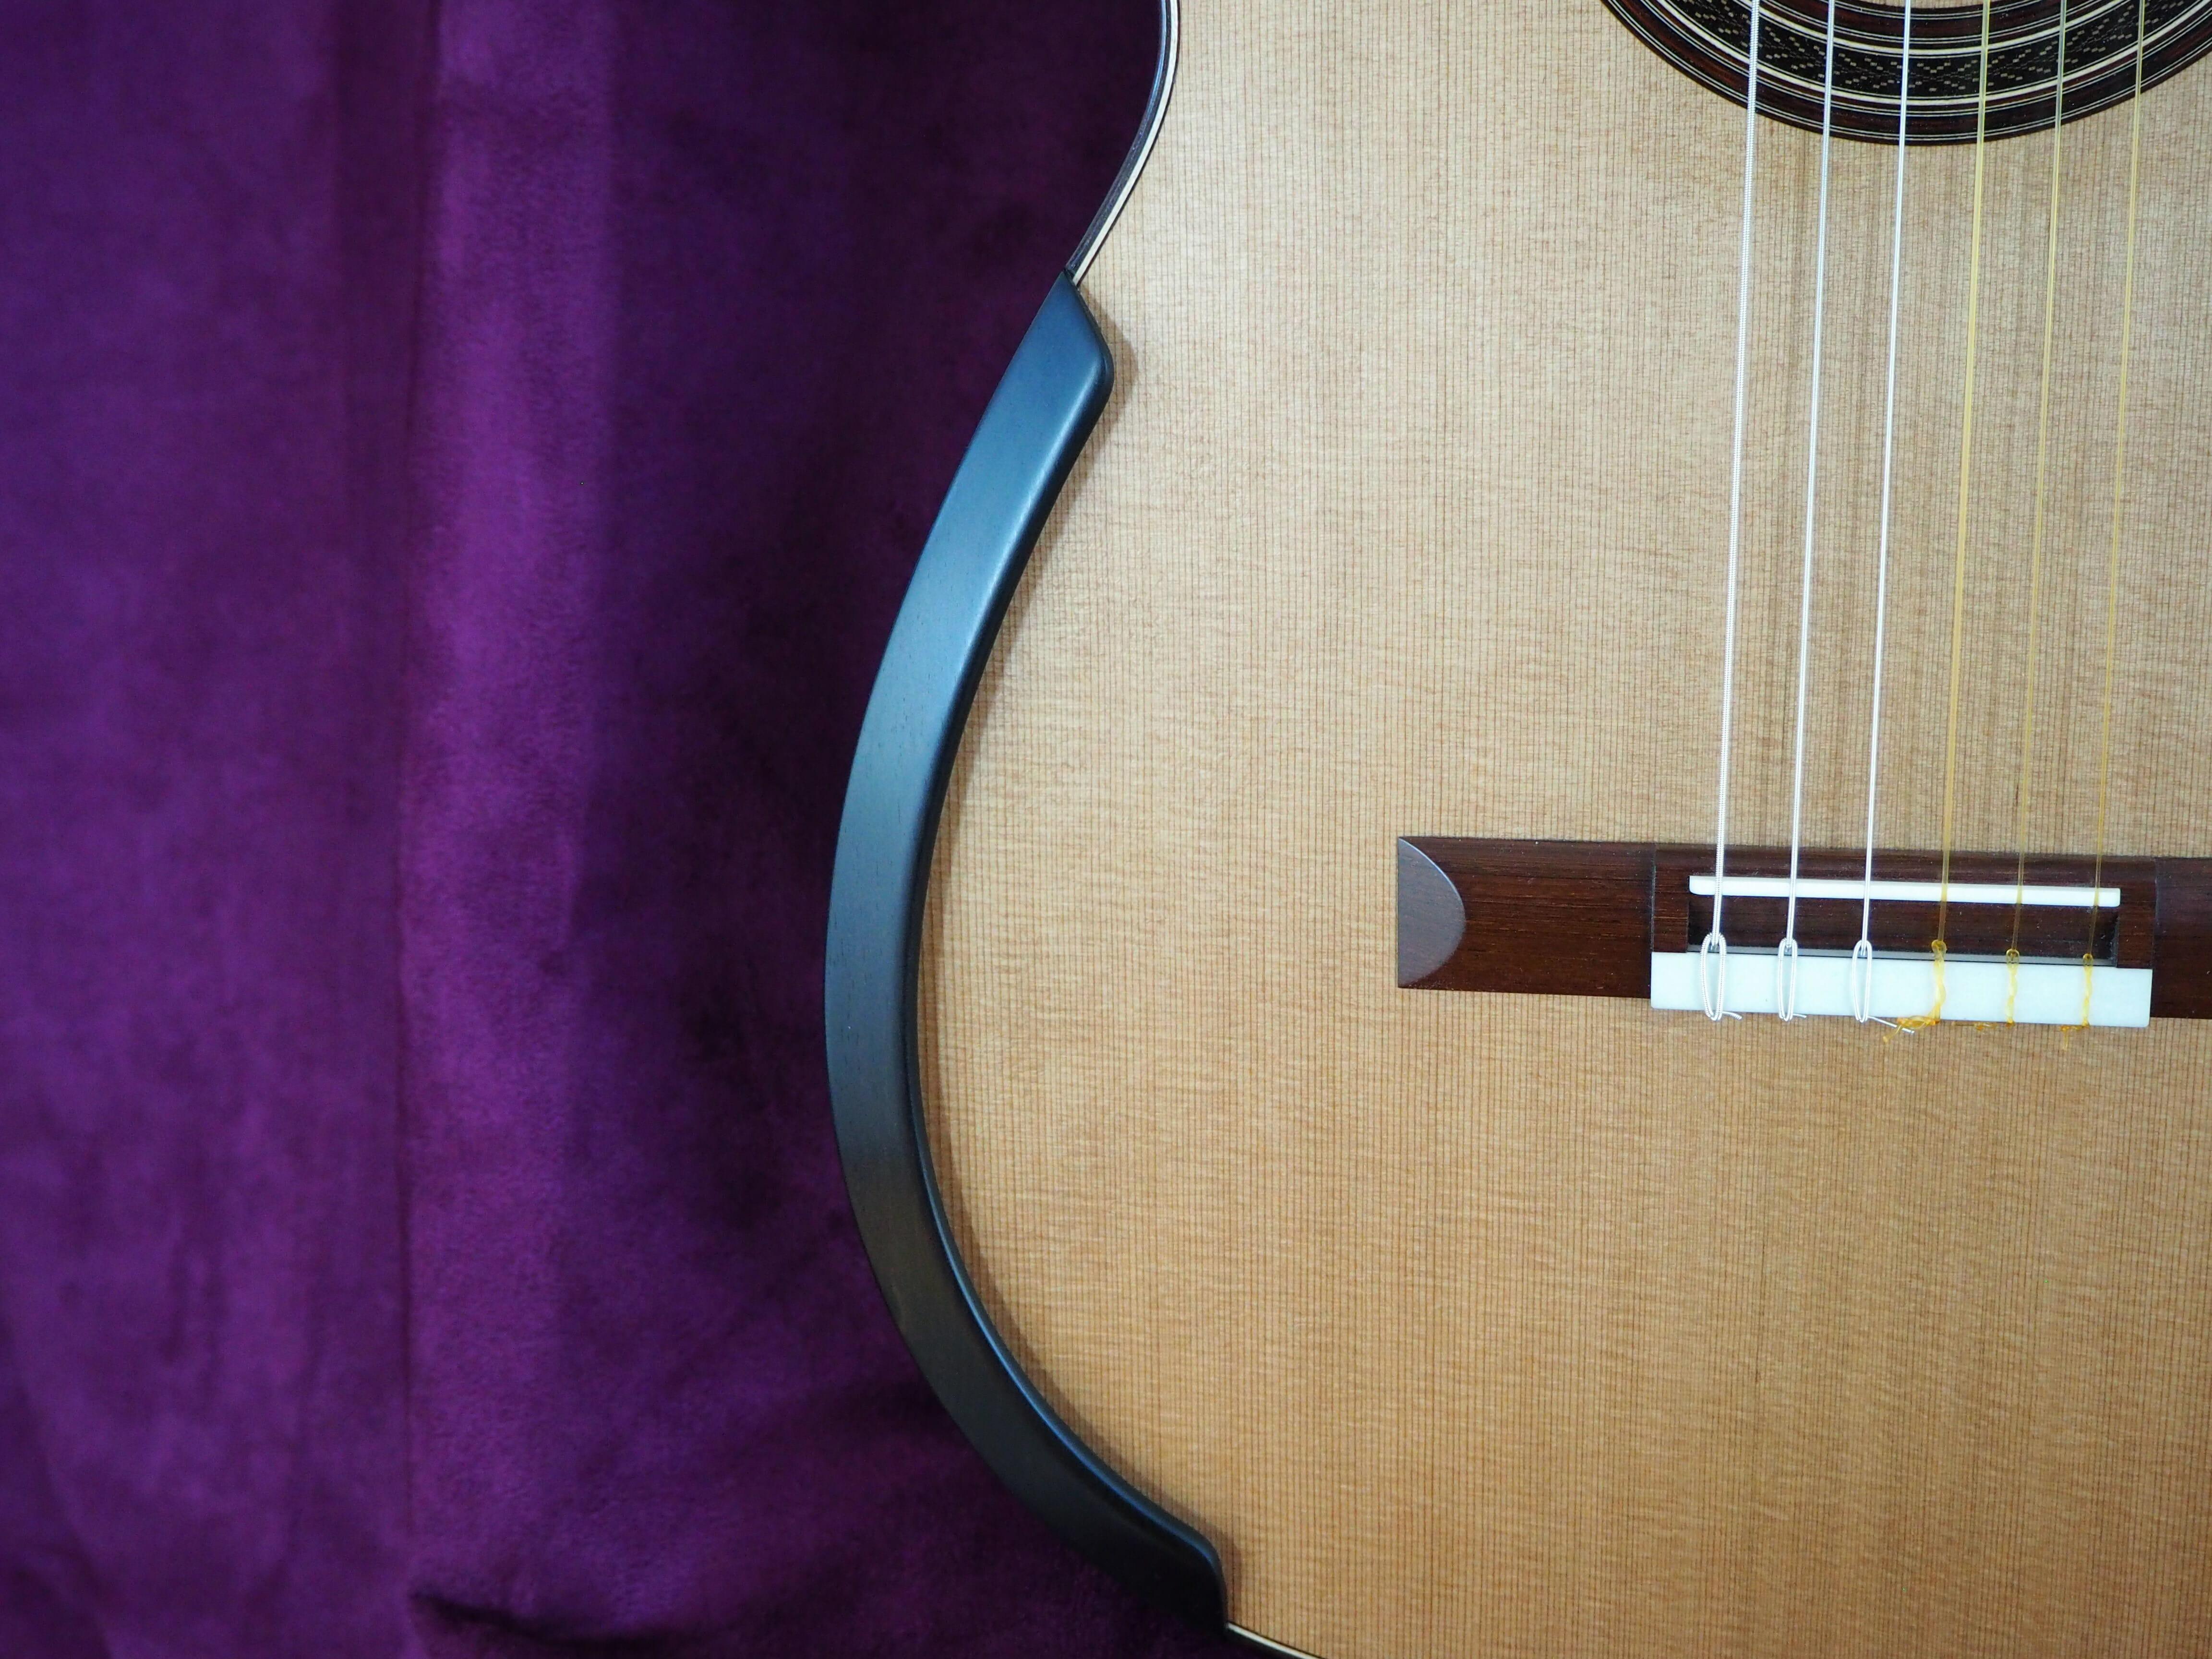 Zibgniew Gnatek guitare classique lattice